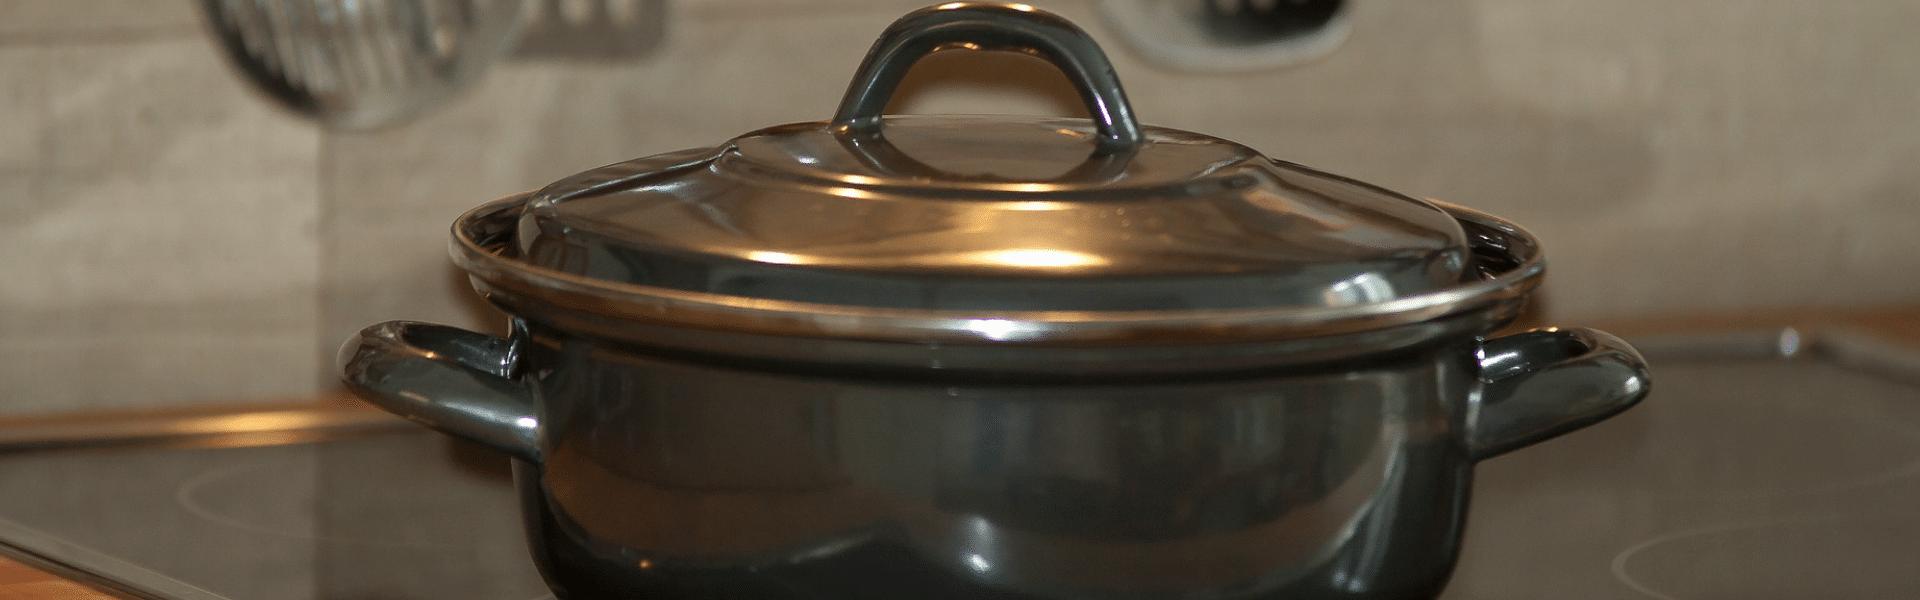 panela para fogão de indução